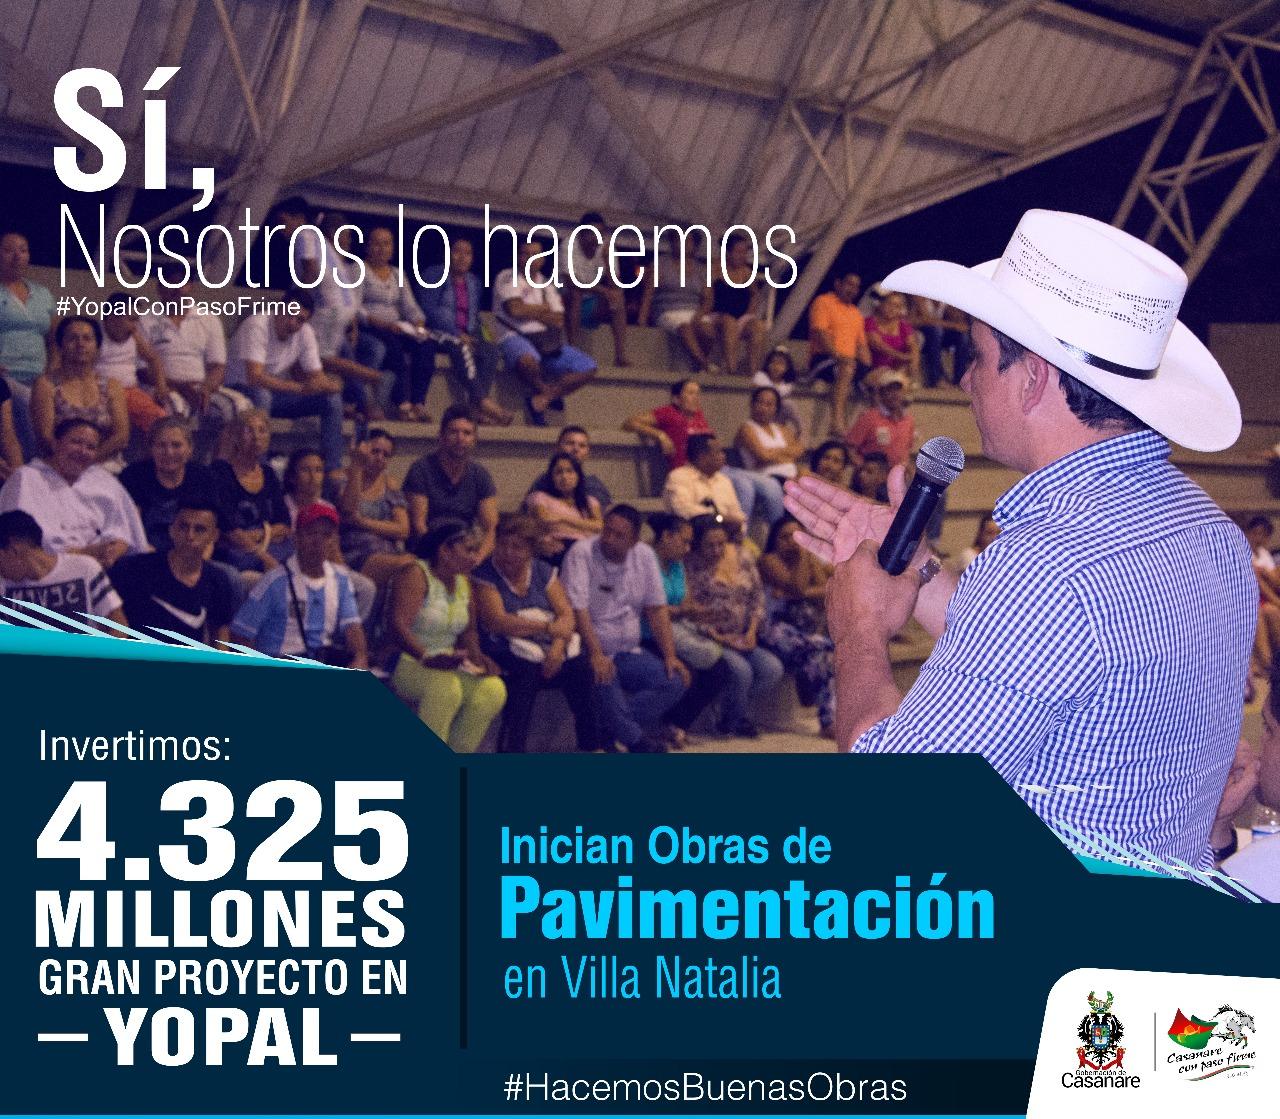 Vías | Continúa el mantenimiento de vías terciarias, con paso firme se llegó hasta la vereda San Rafael de #Yopal.